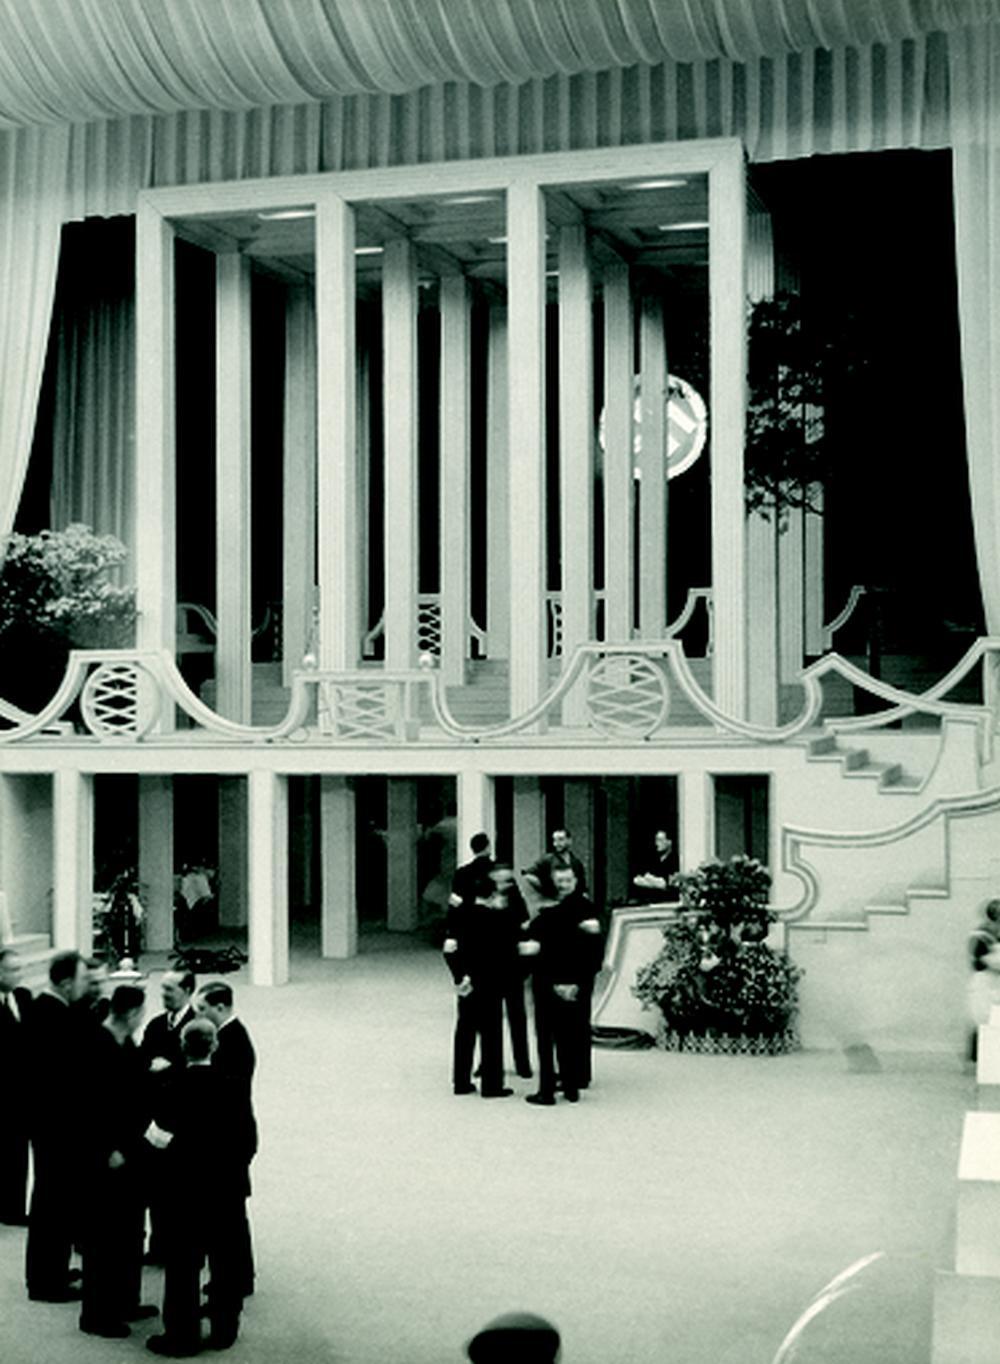 Výzdoba plesu v opeře od Josefa Hoffmana a Oswald Haerdtl, 1939